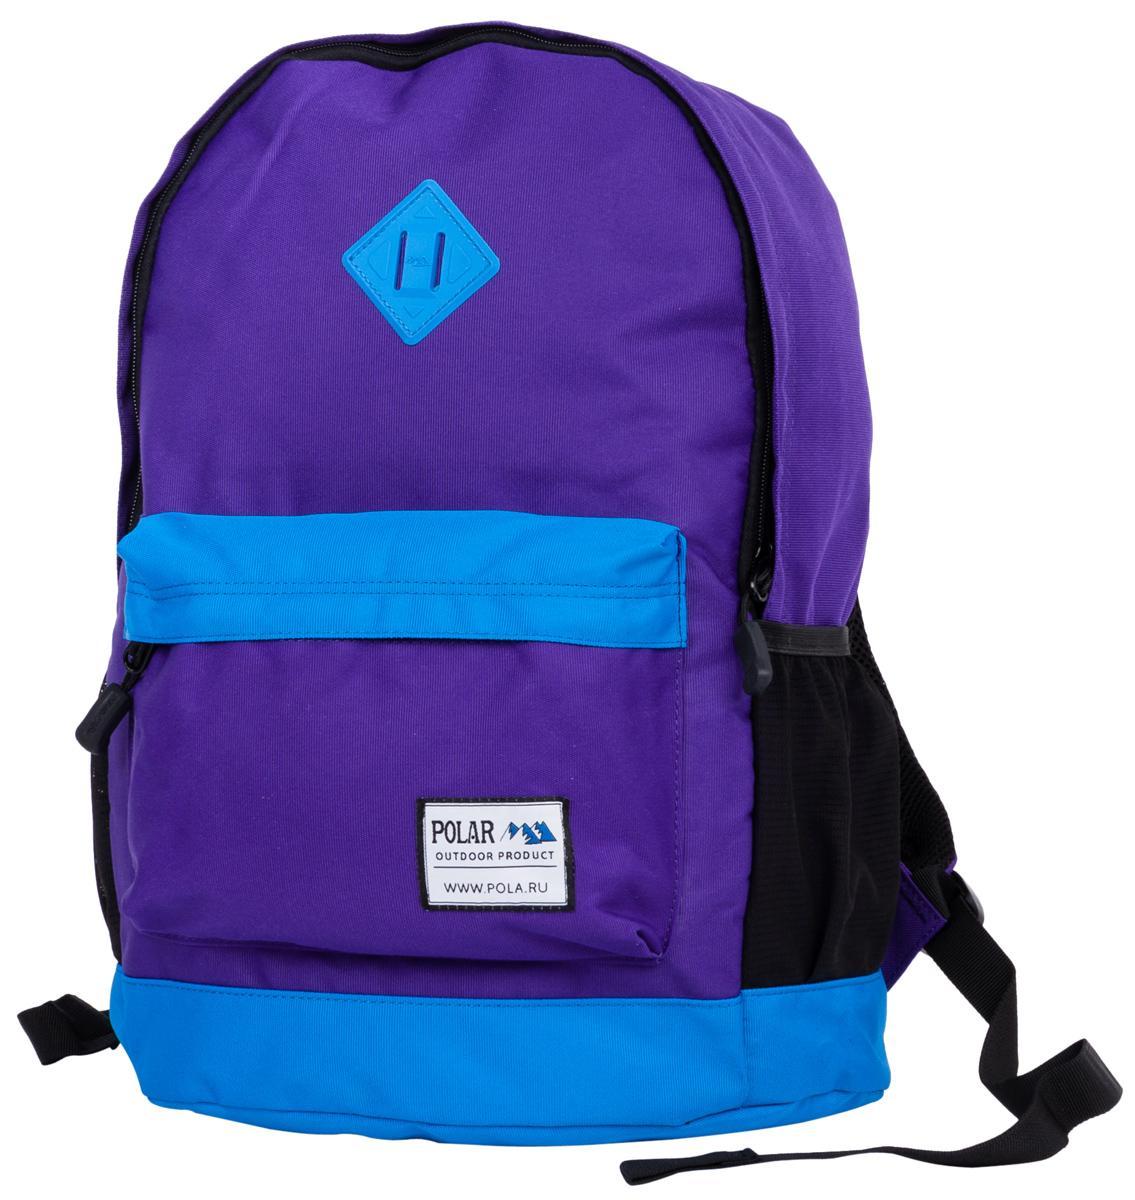 Рюкзак городской Polar, цвет: фиолетово-синий. 22,5л. 15008 - Рюкзаки